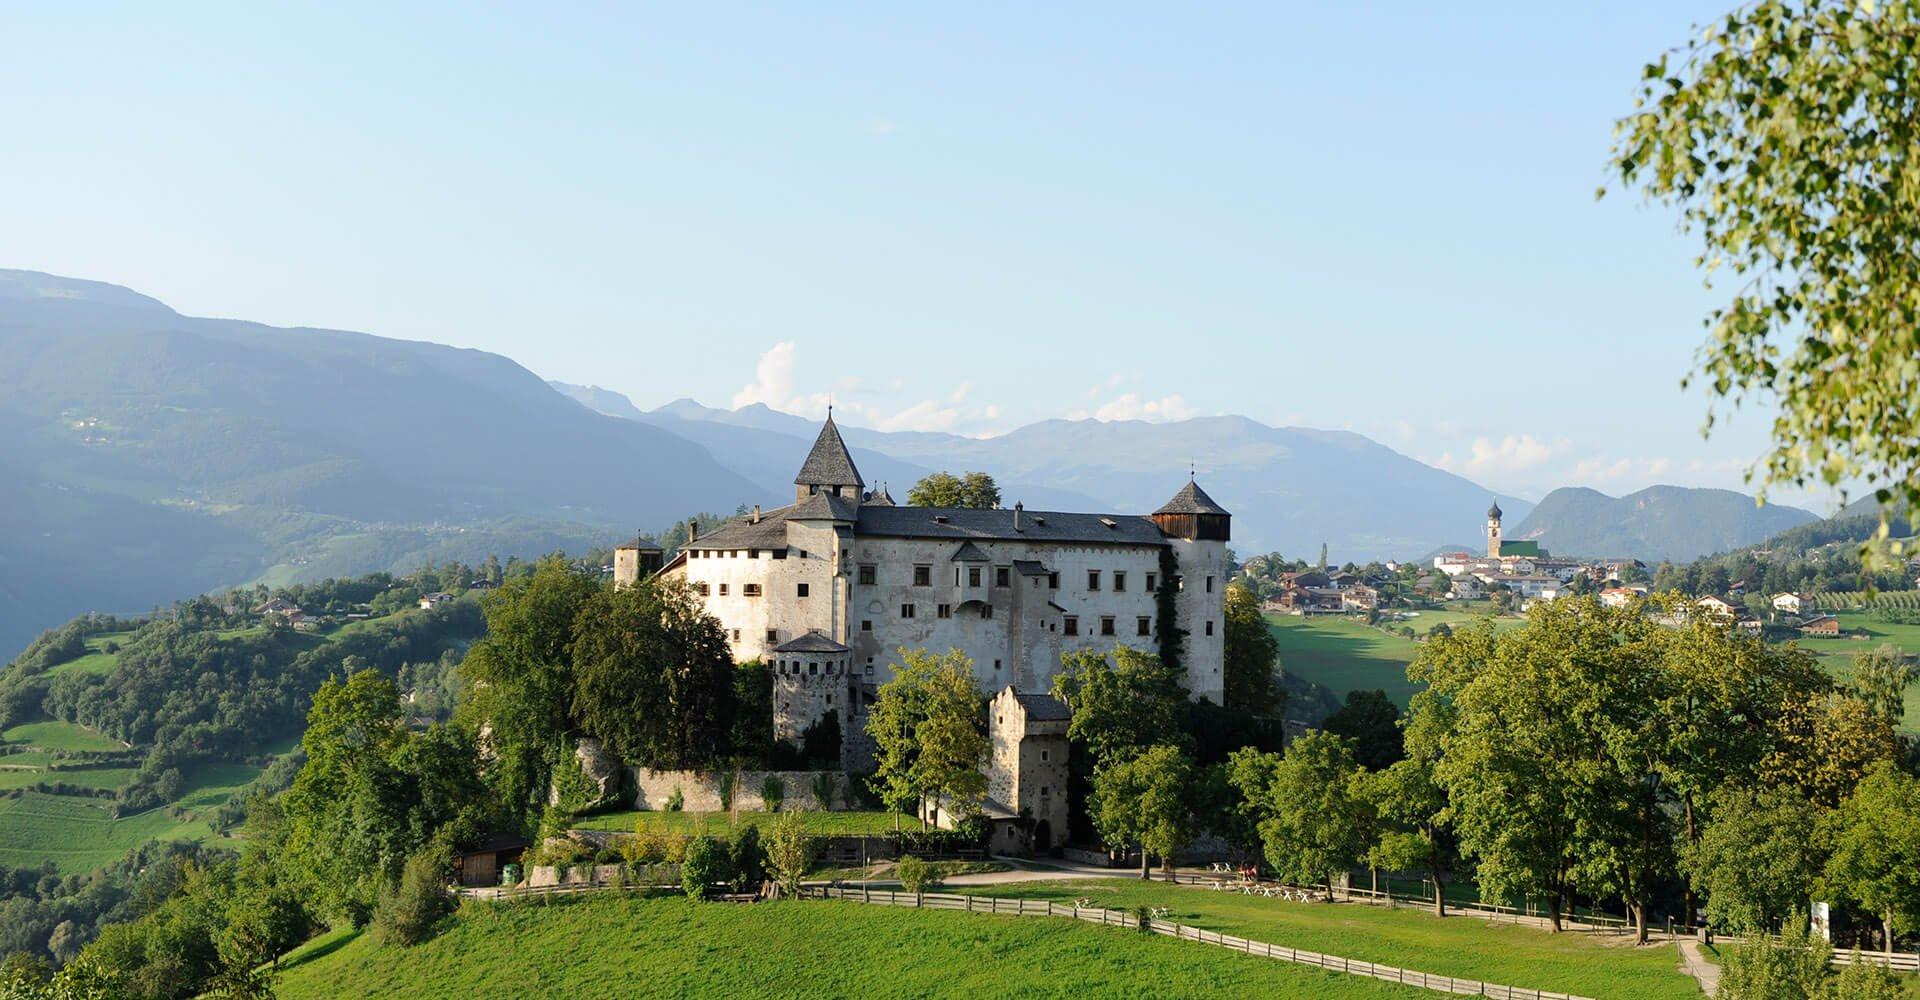 Ferienwohnungen auf dem Schlosshof in Völs am Schlern